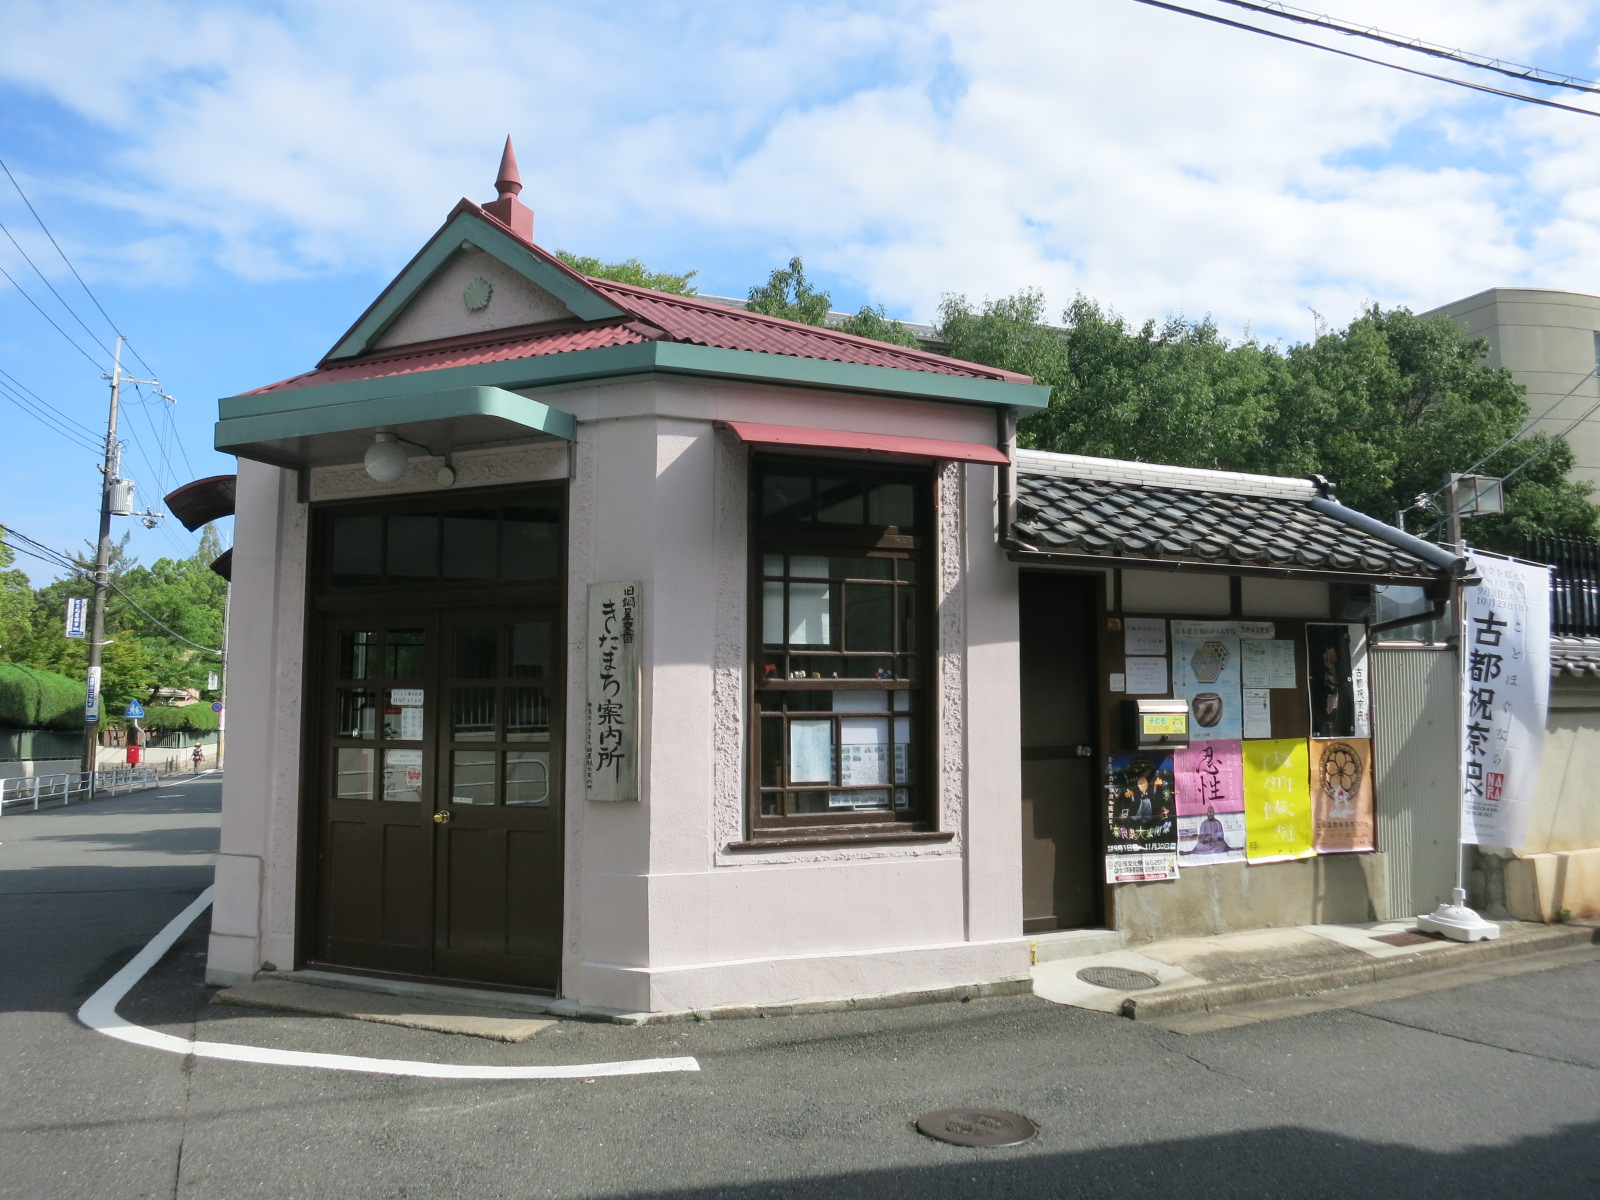 寺川道具店の通りを挟んで隣には、レトロな外観のきたまち案内所が。 交番だったものを改築したそうです。